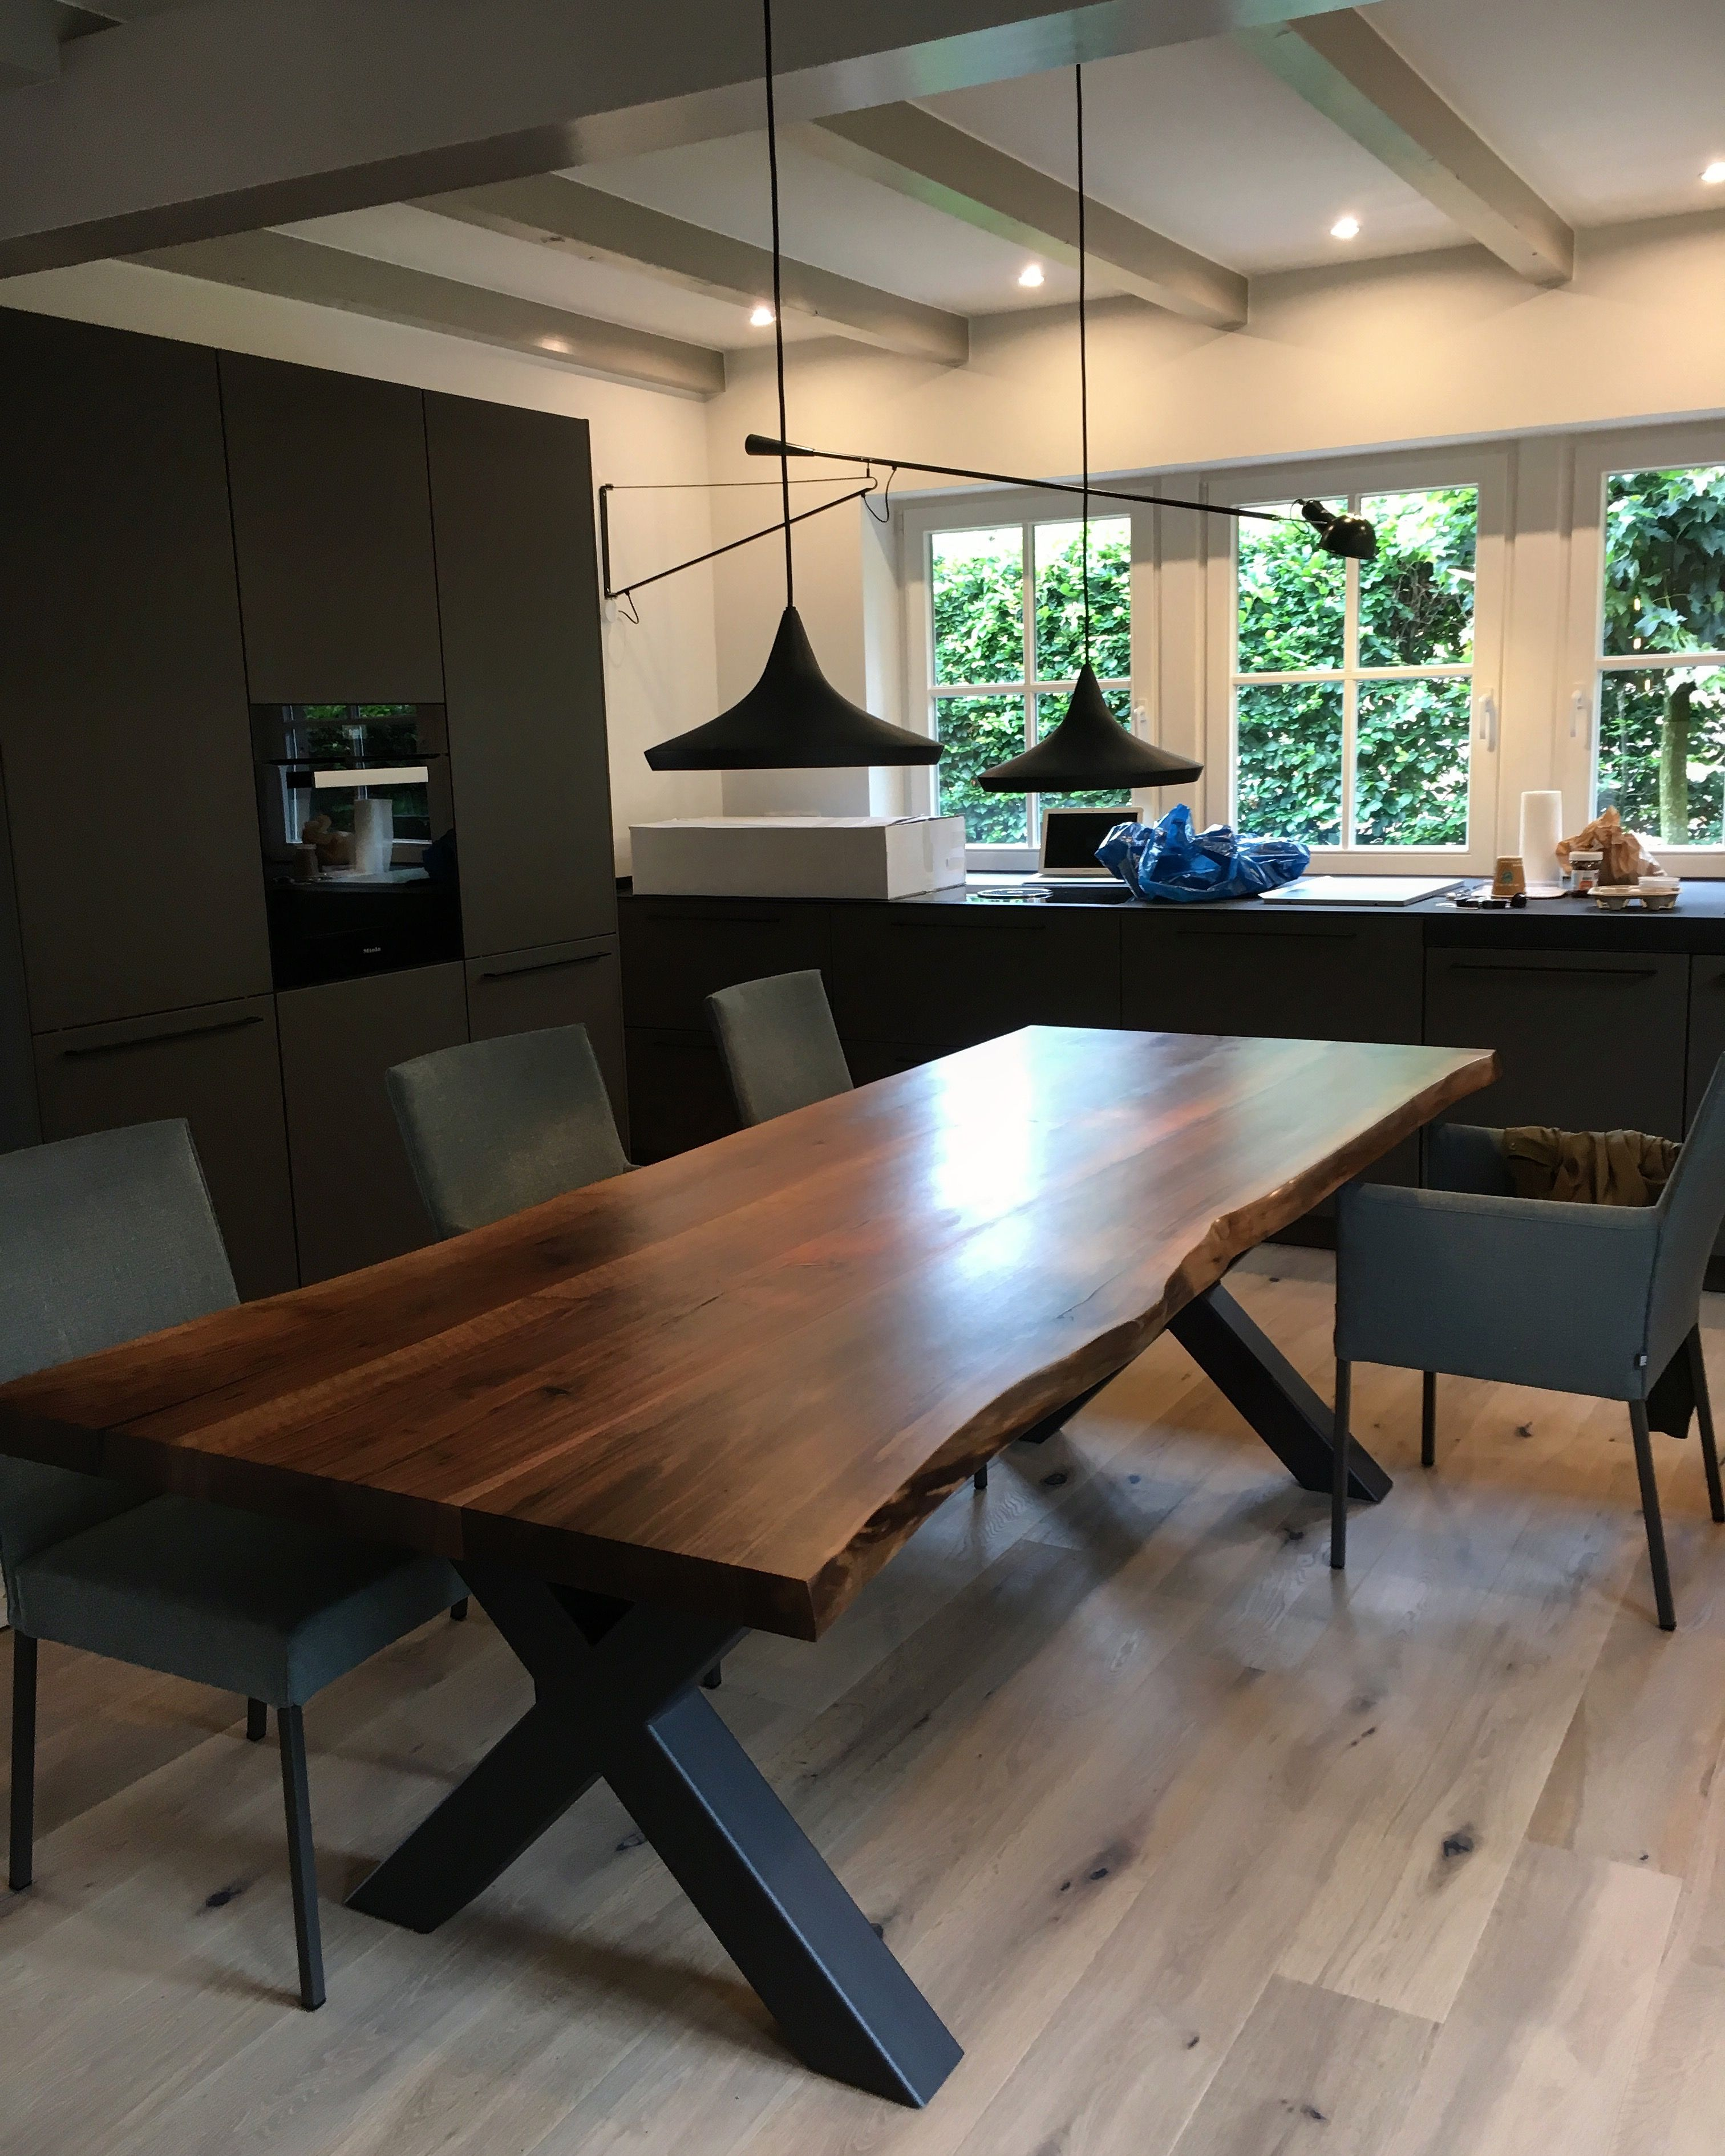 massivholztisch esstisch baumtisch nussbaumtisch. Black Bedroom Furniture Sets. Home Design Ideas